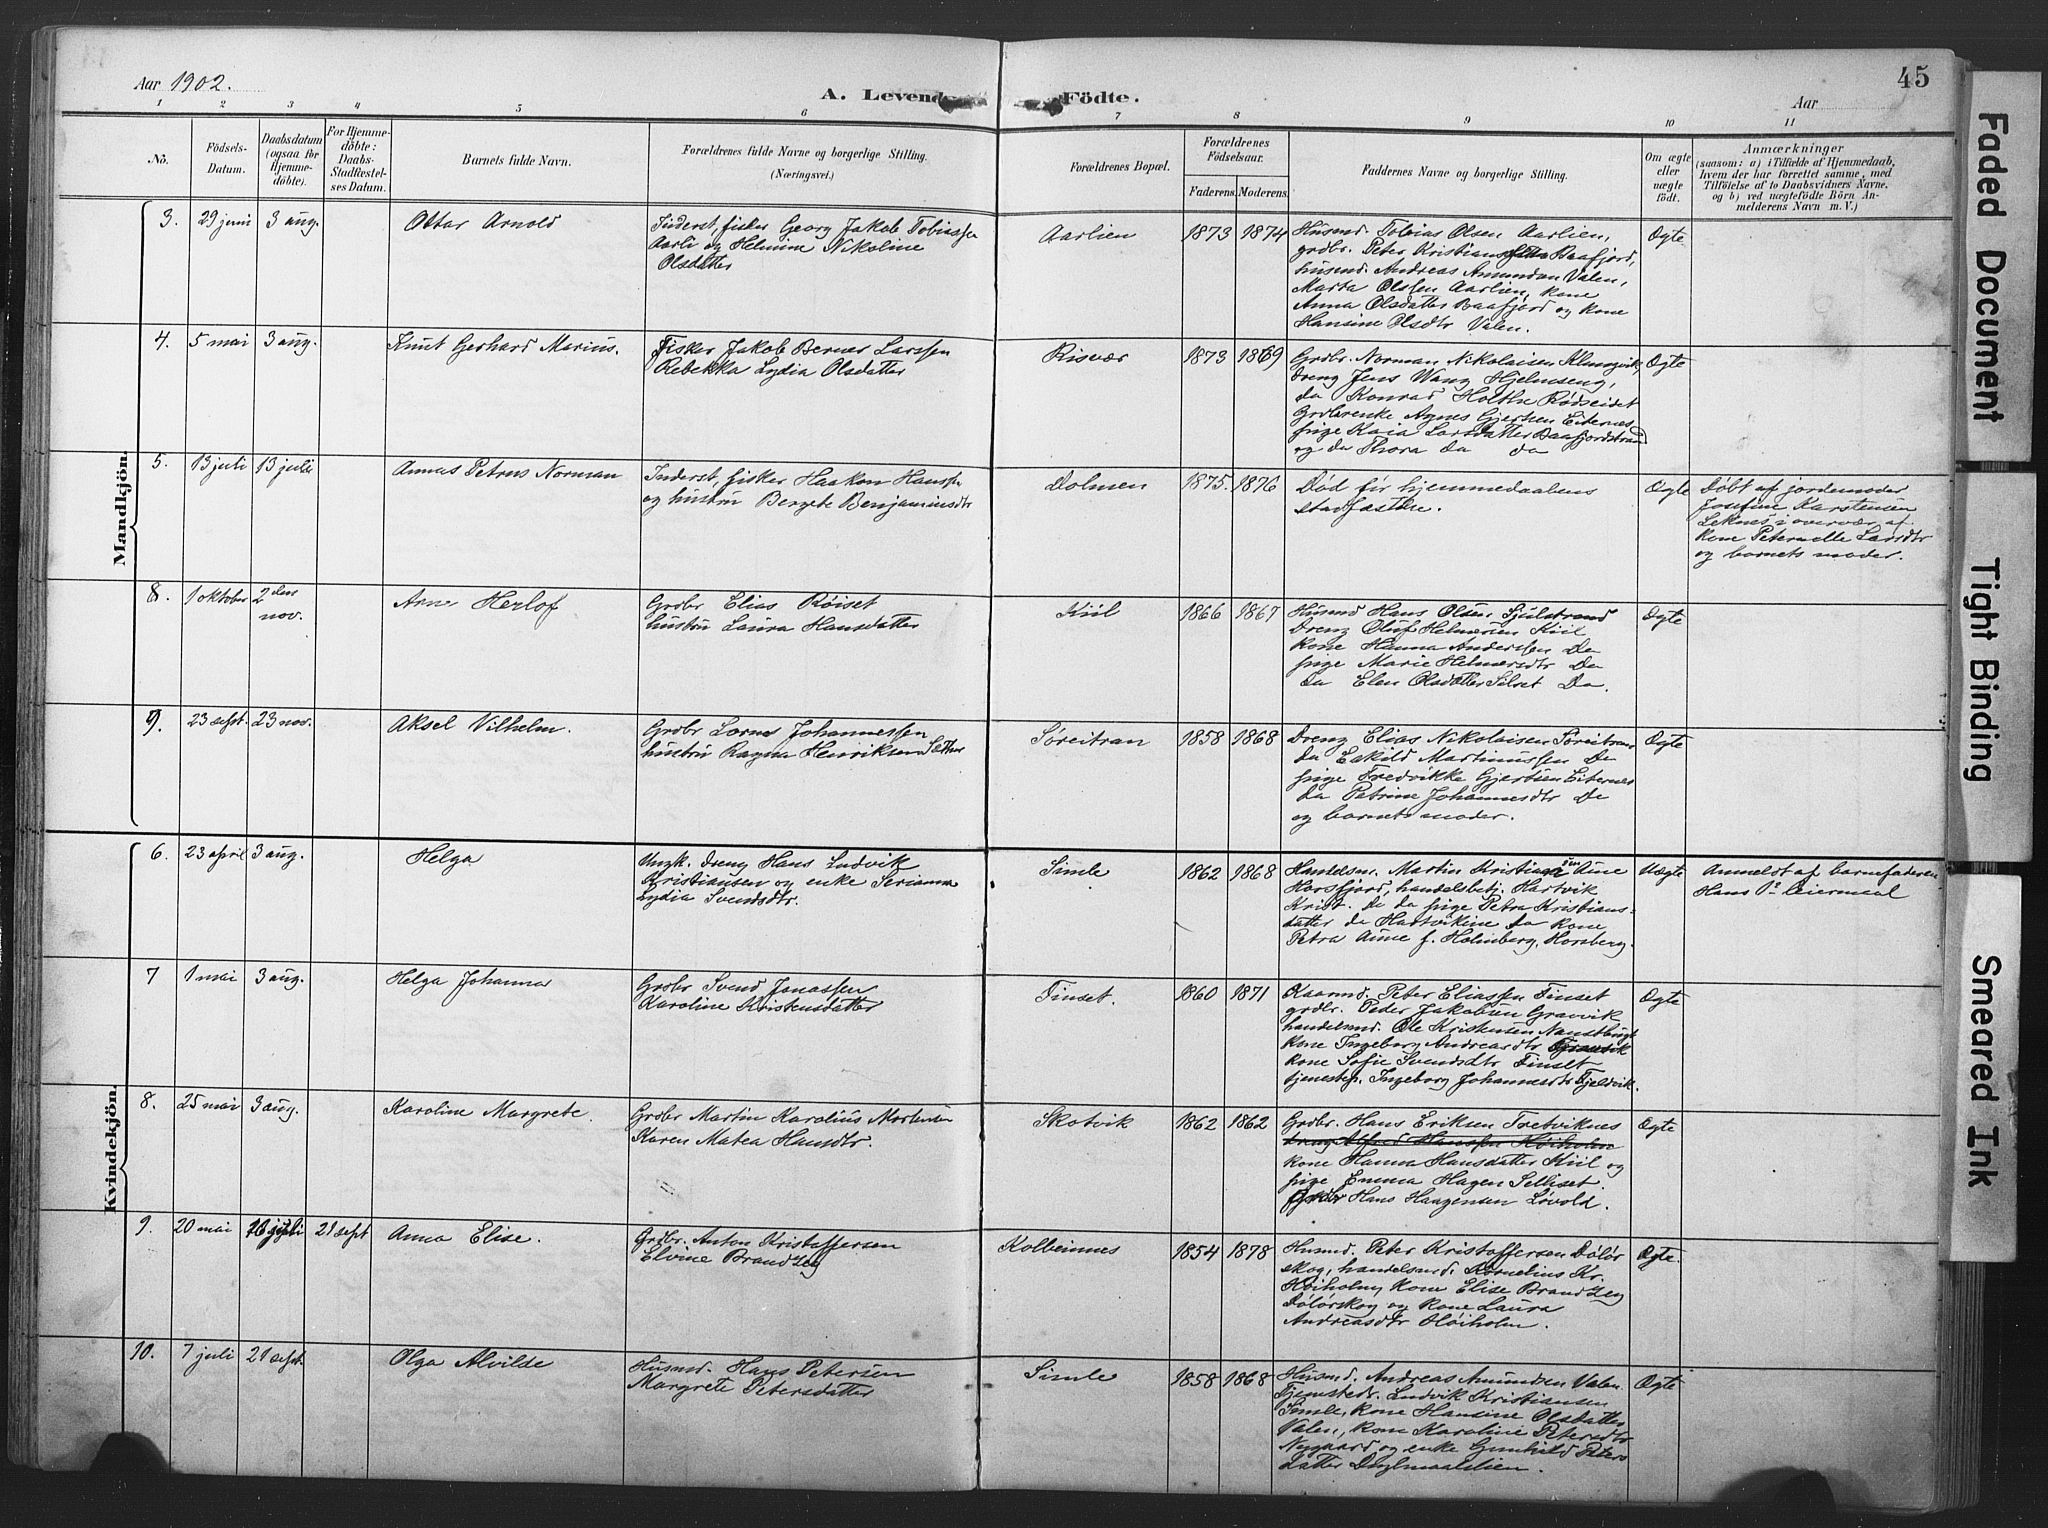 SAT, Ministerialprotokoller, klokkerbøker og fødselsregistre - Nord-Trøndelag, 789/L0706: Klokkerbok nr. 789C01, 1888-1931, s. 45